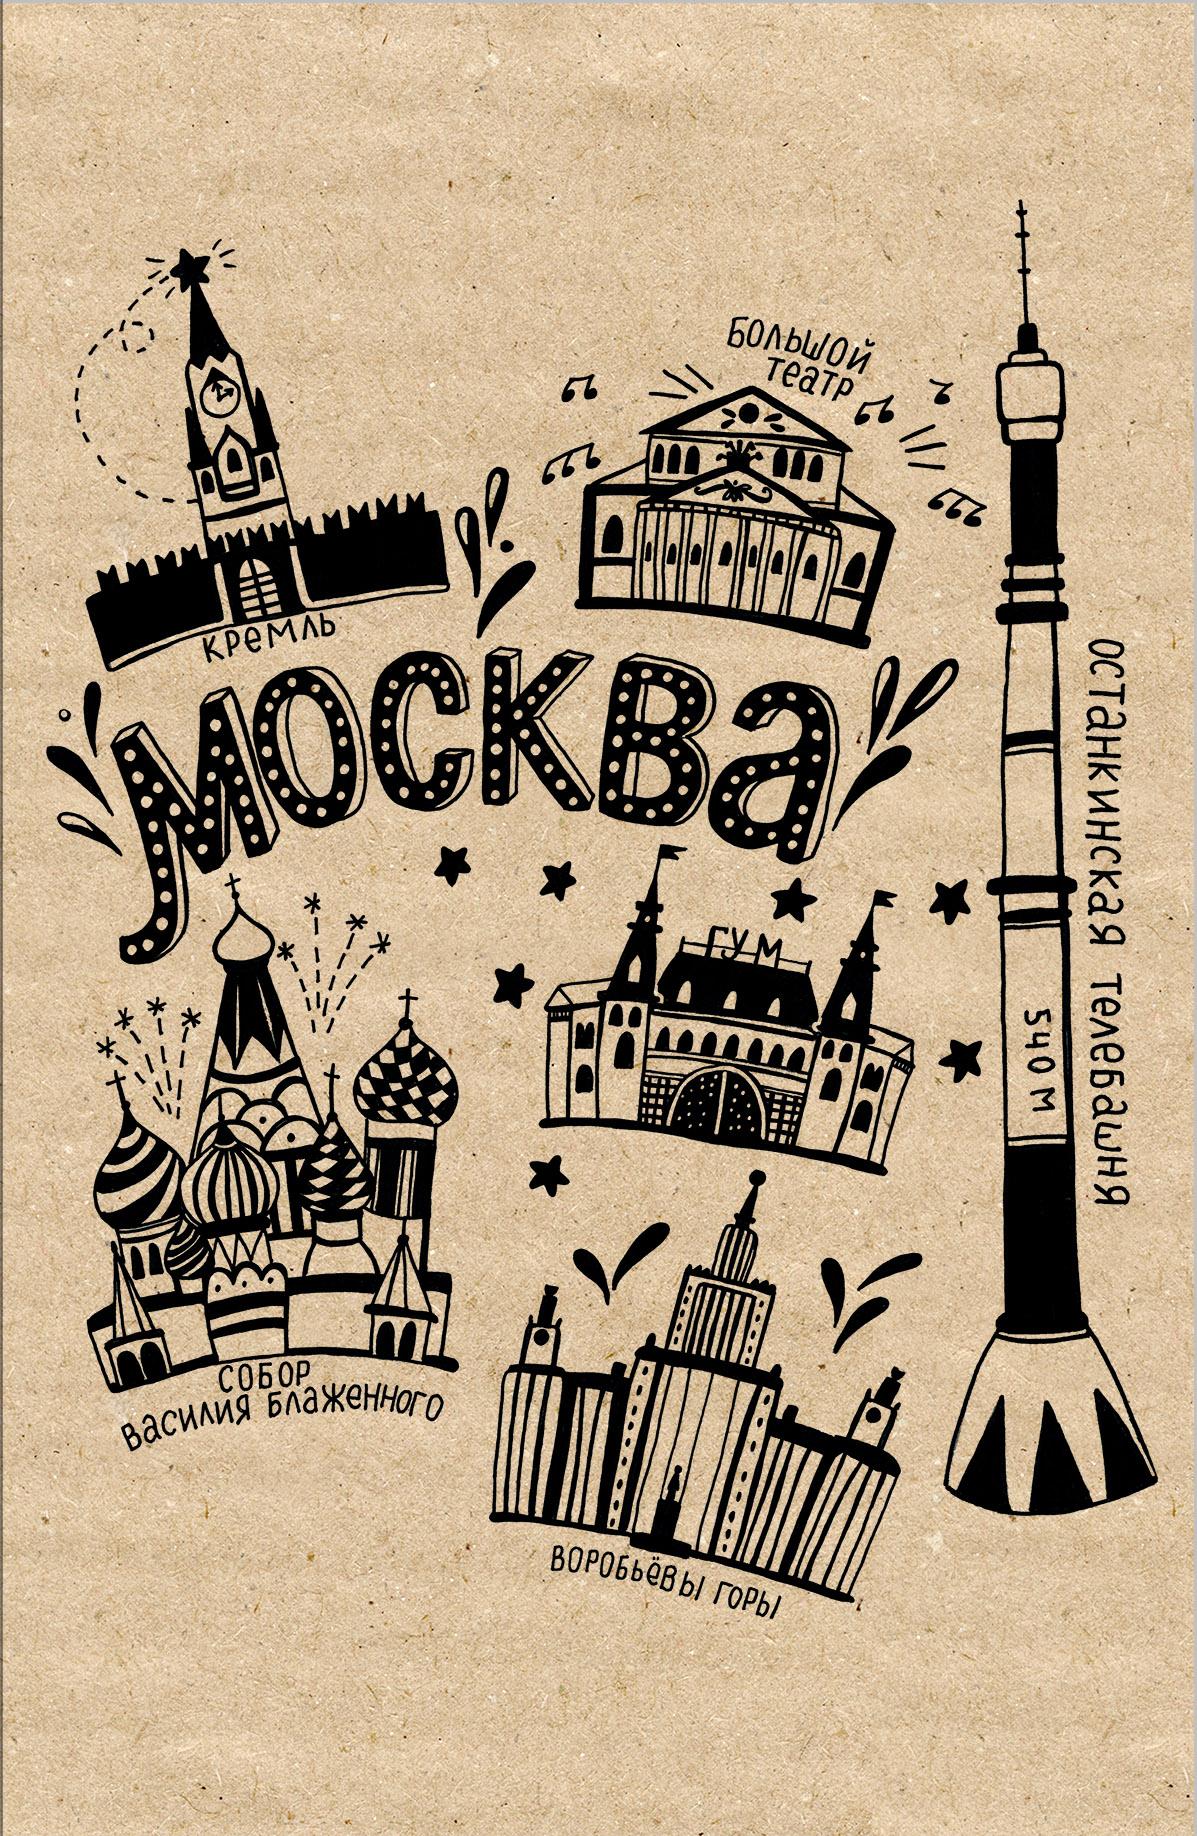 Блокнот Москва блокнот в пластиковой обложке mind ulness лаванда формат малый 64 страницы